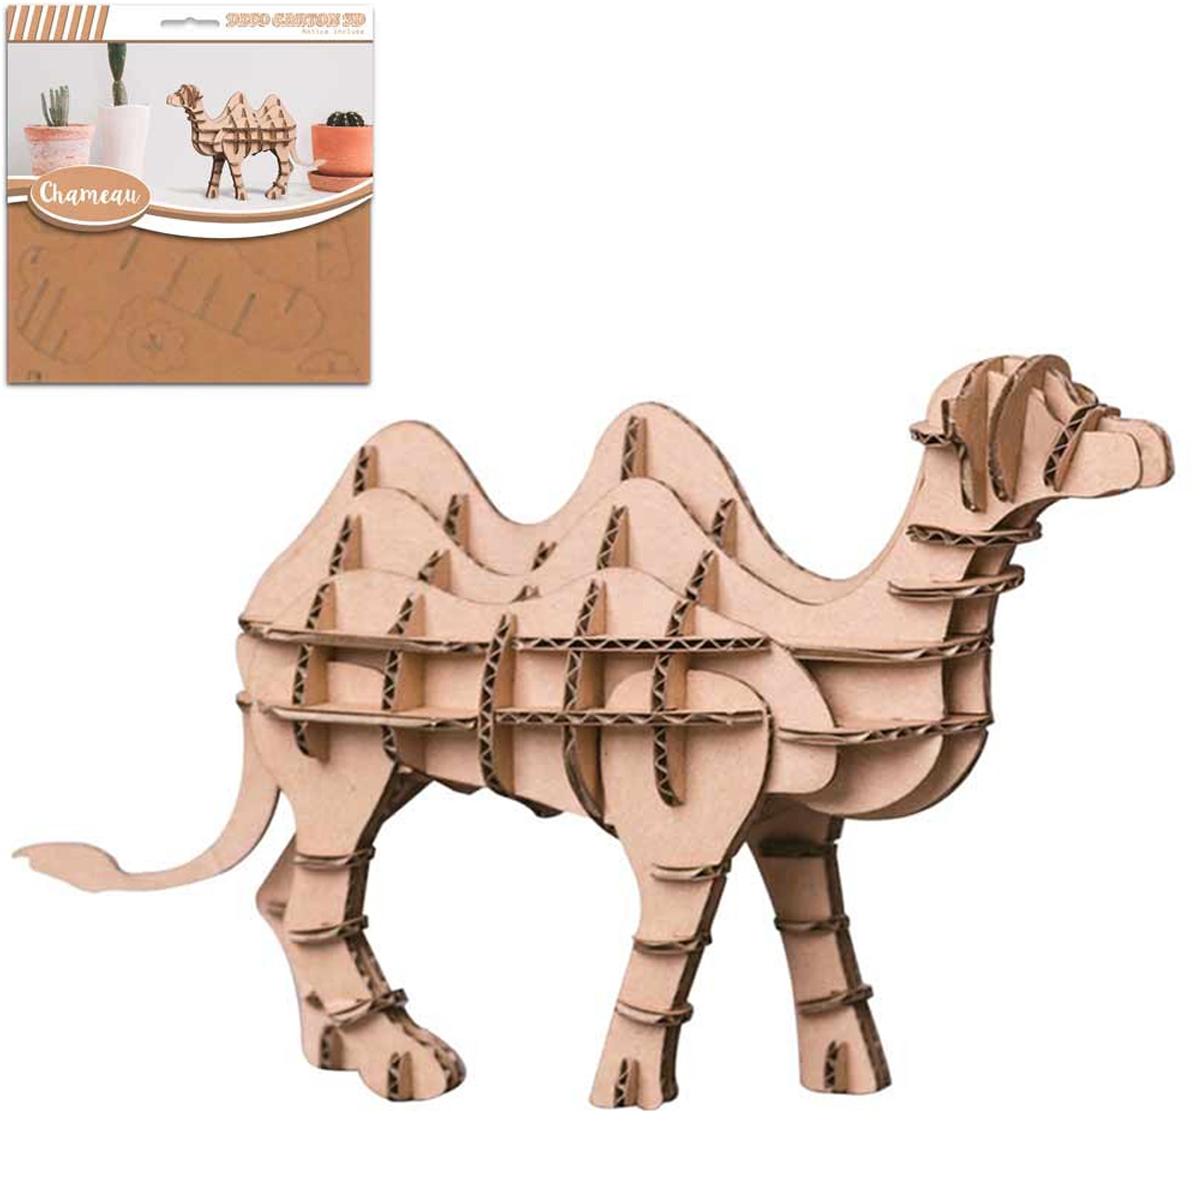 Figurine carton 3D \'Chameau\' - planches 165x175 cm - [Q9223]